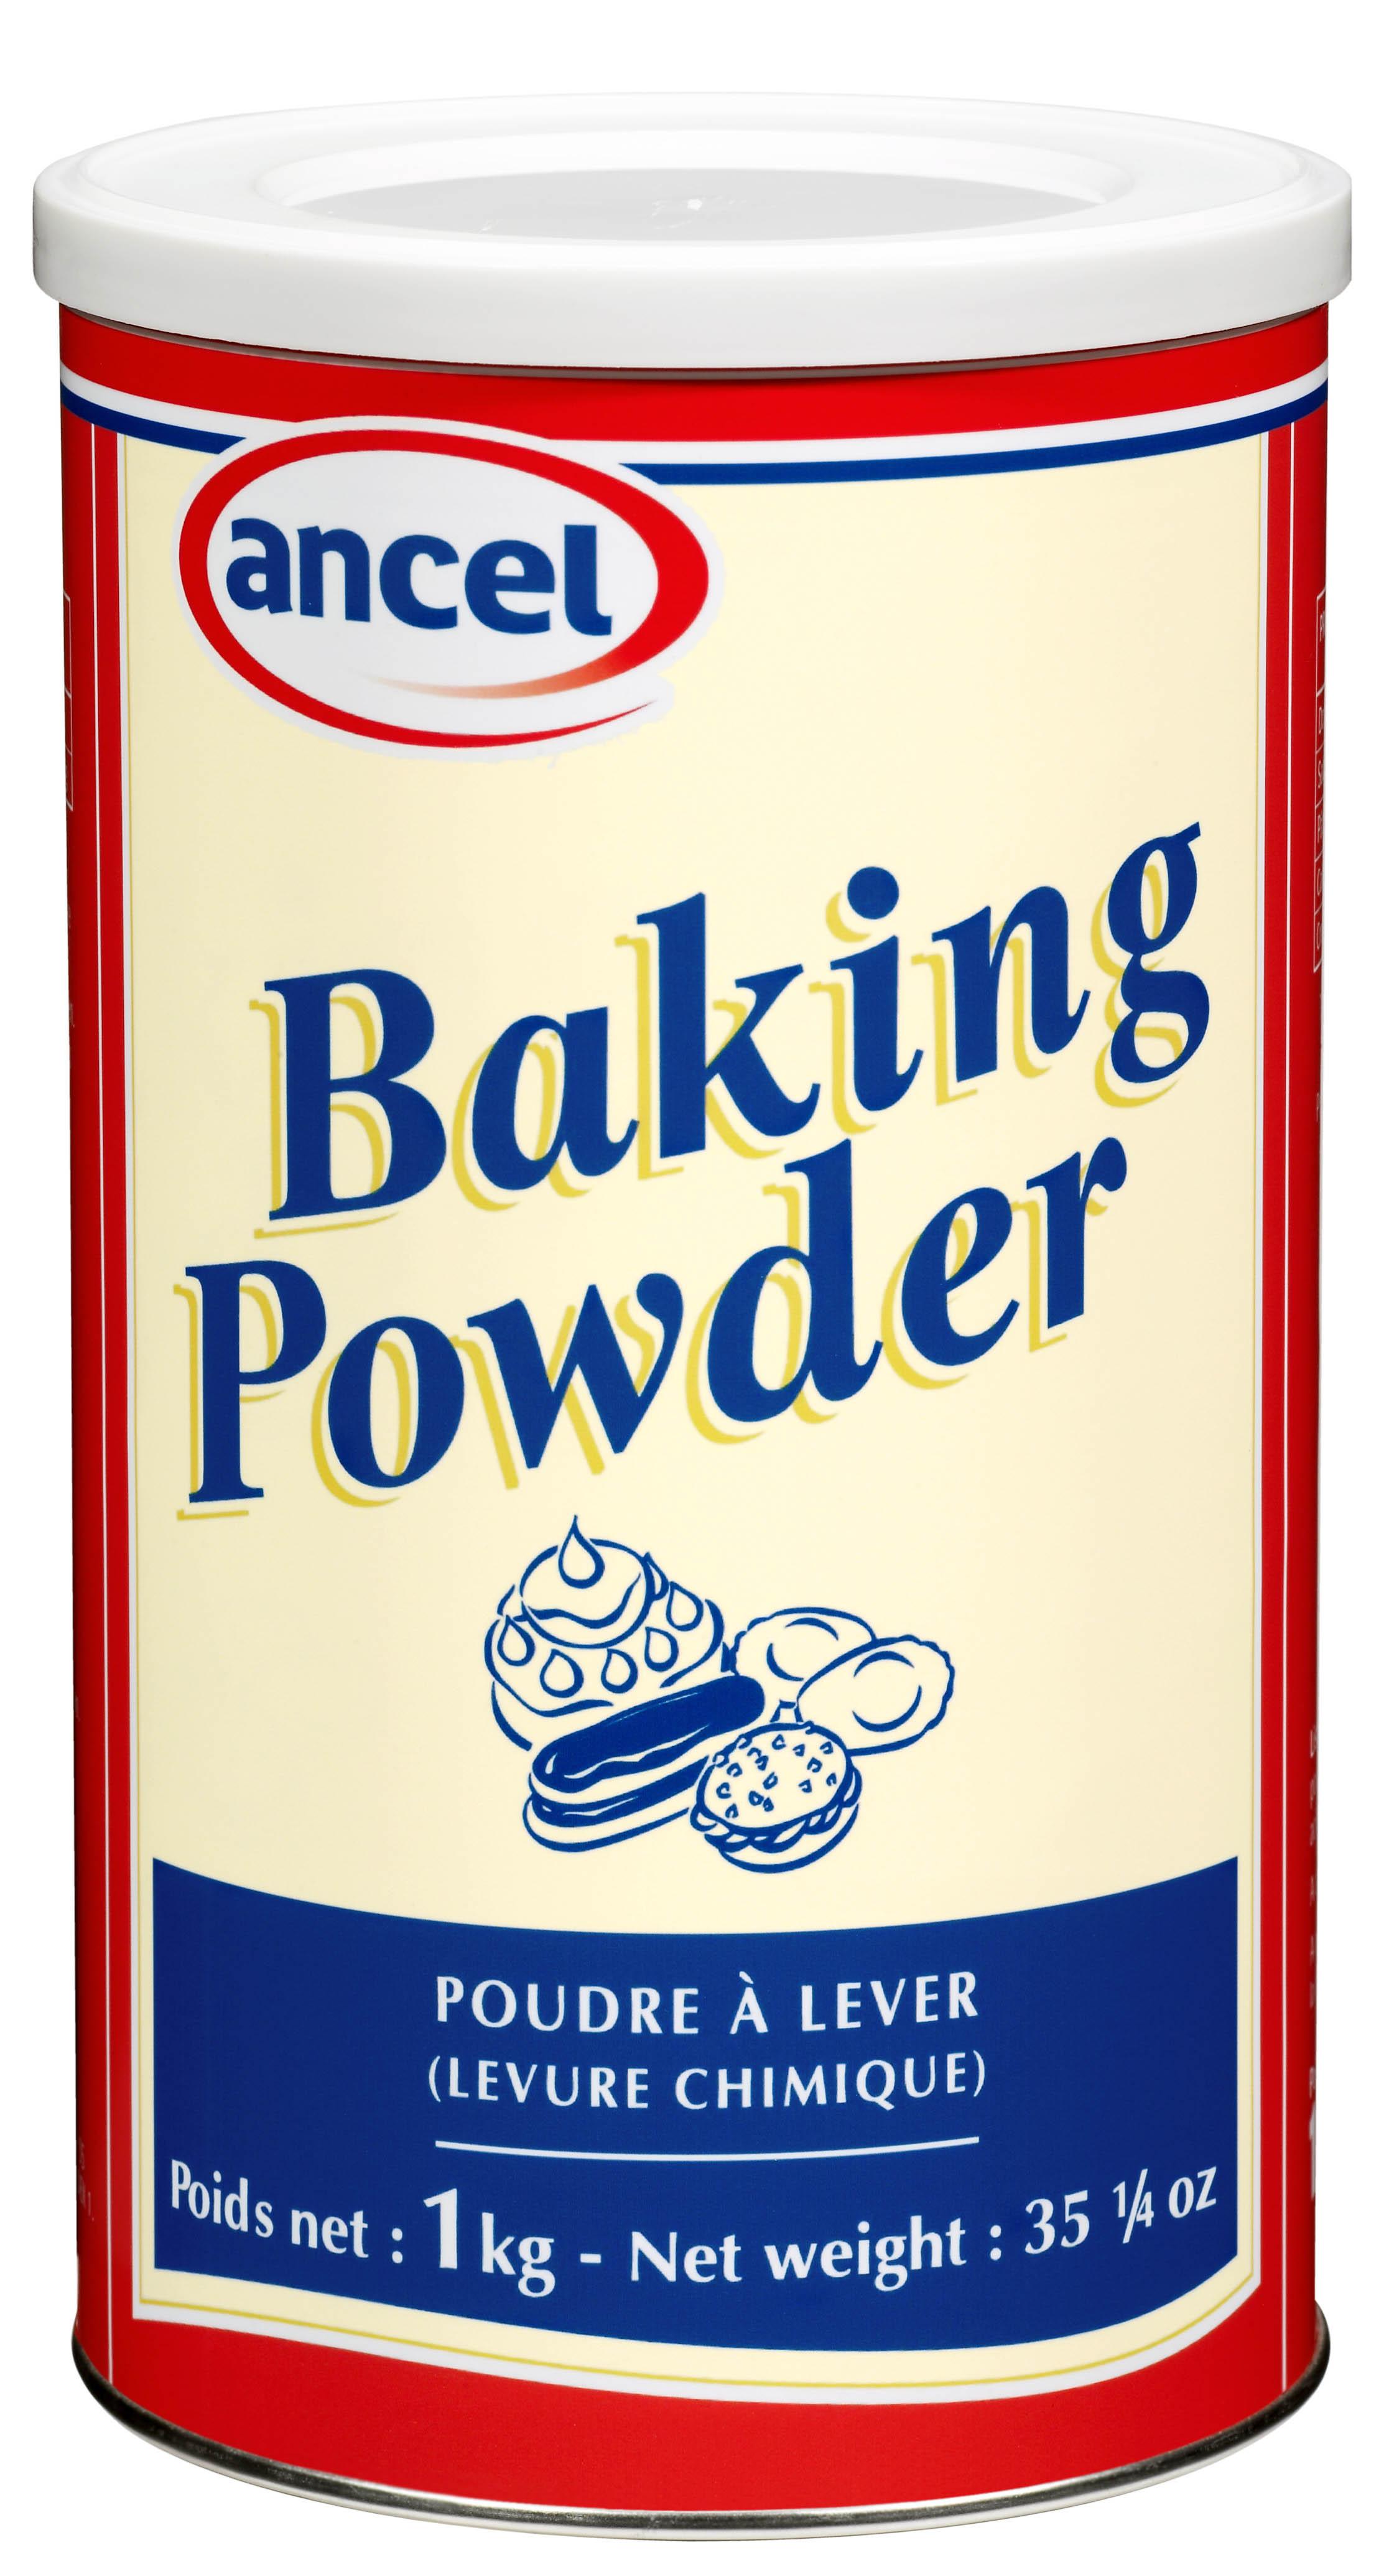 Disque Relais Induction Leclerc Unique Images Levure Chimique Baking Powder 1 Kg Poudre  Lever P¢tisserie Vente